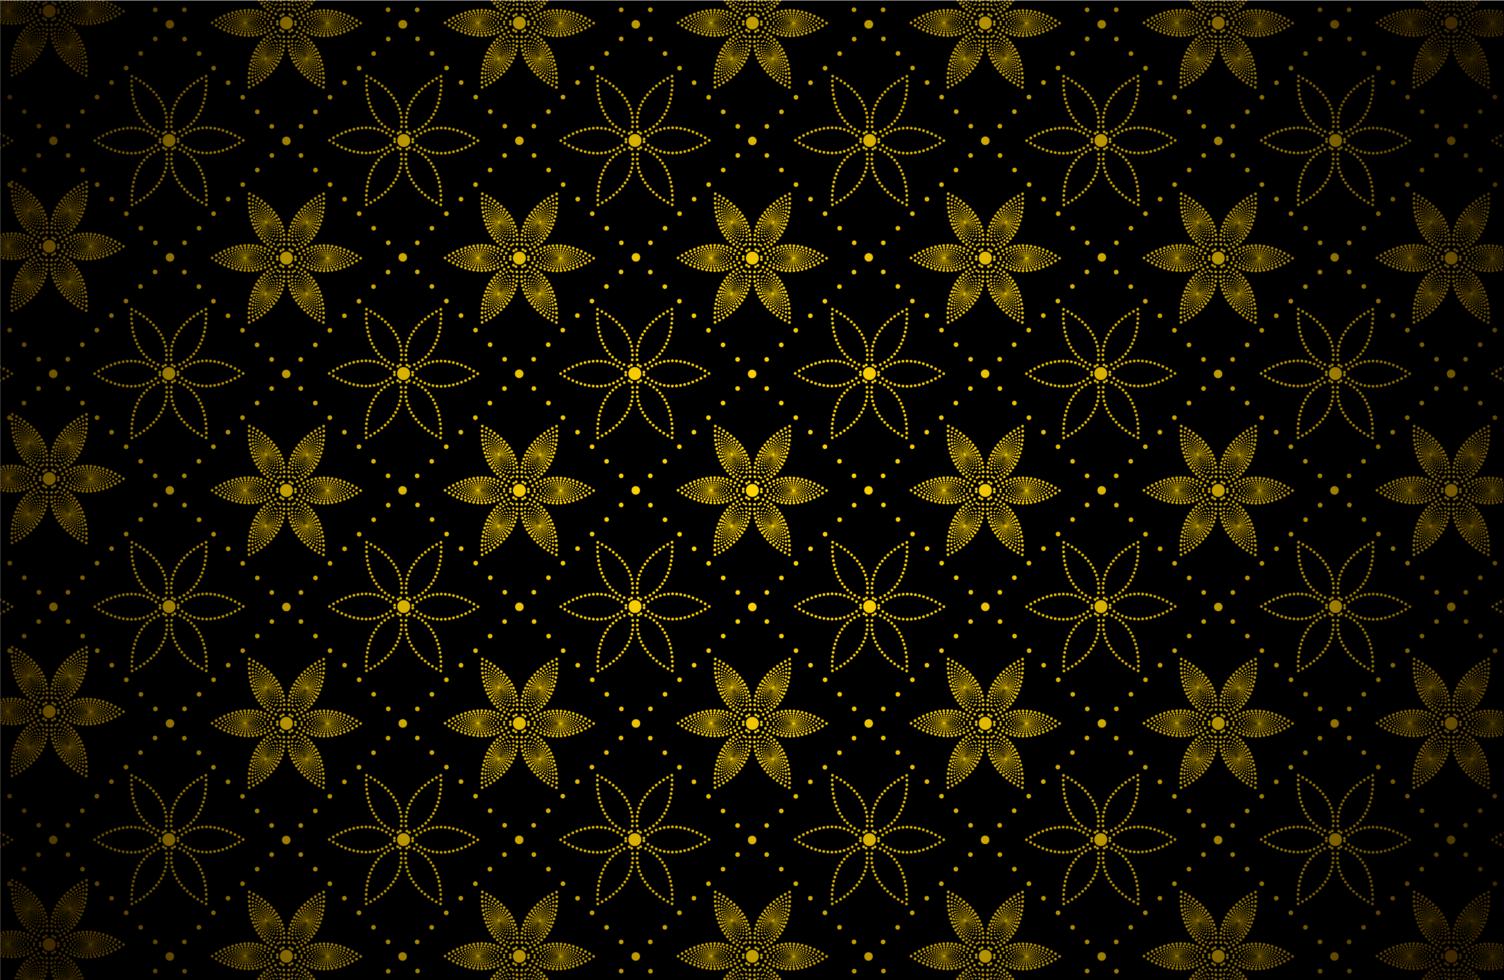 patrón de puntos de flor de oro oscuro vector